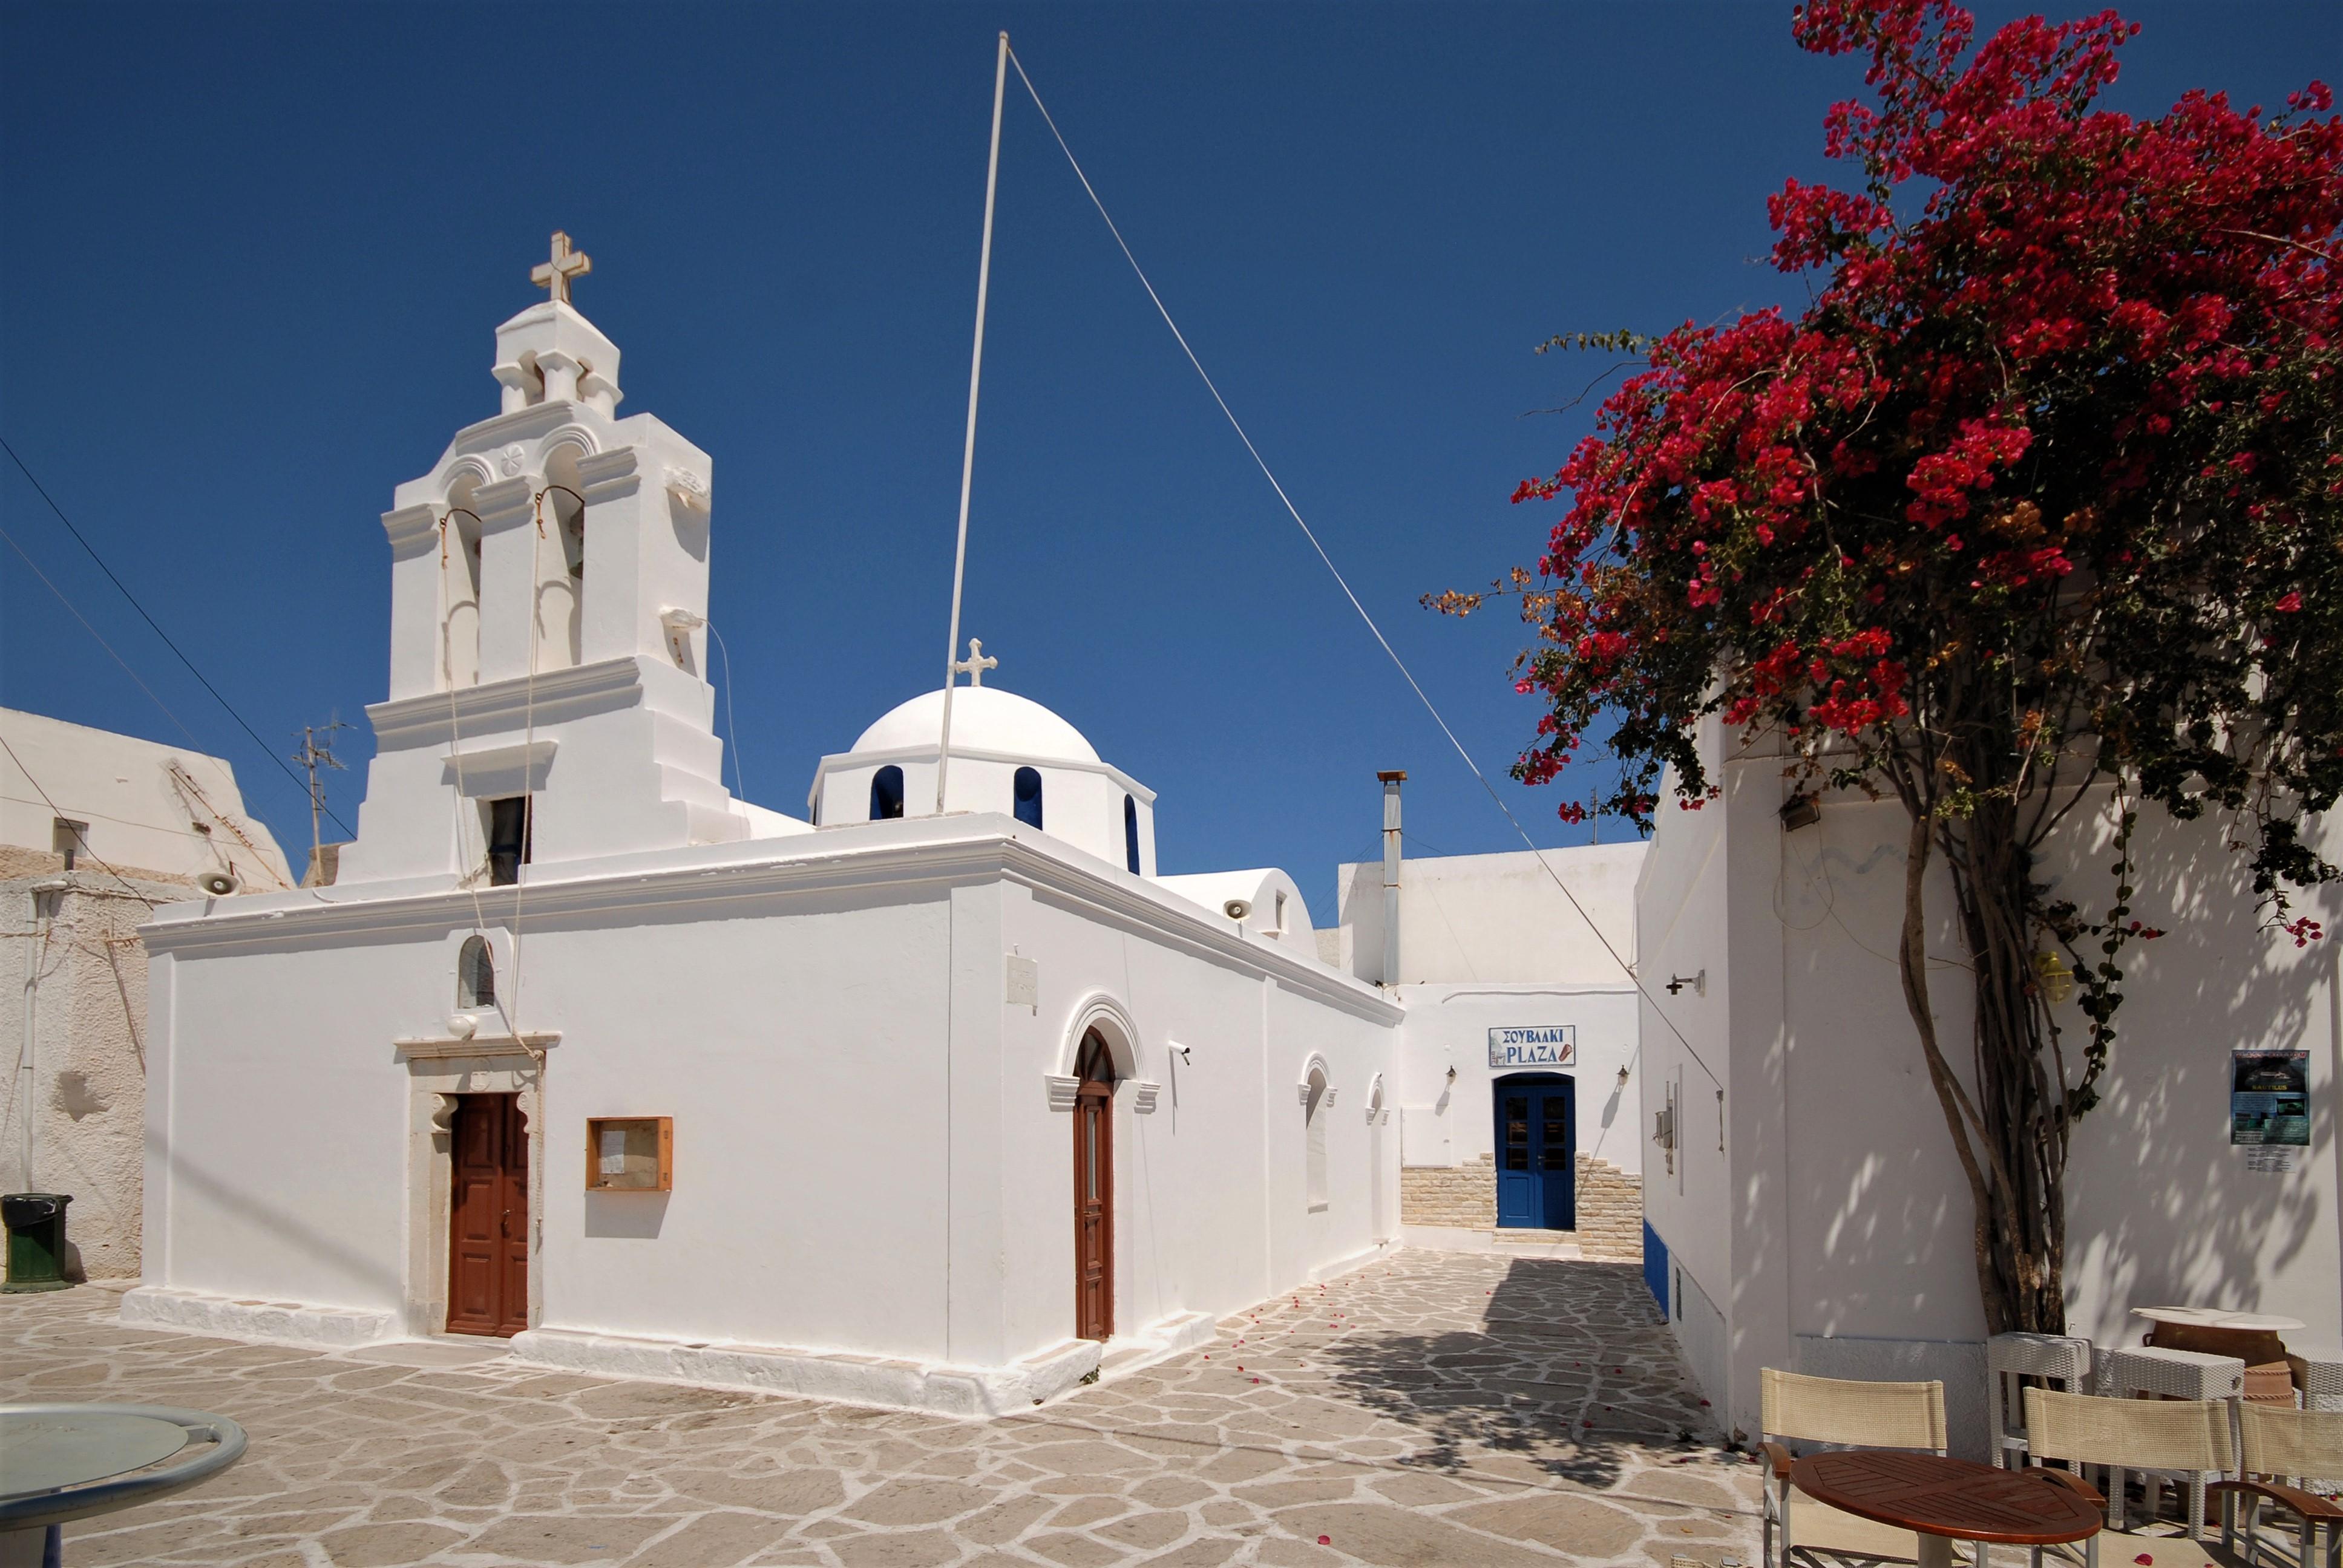 Griechenland_Antiparos_Plazzaa